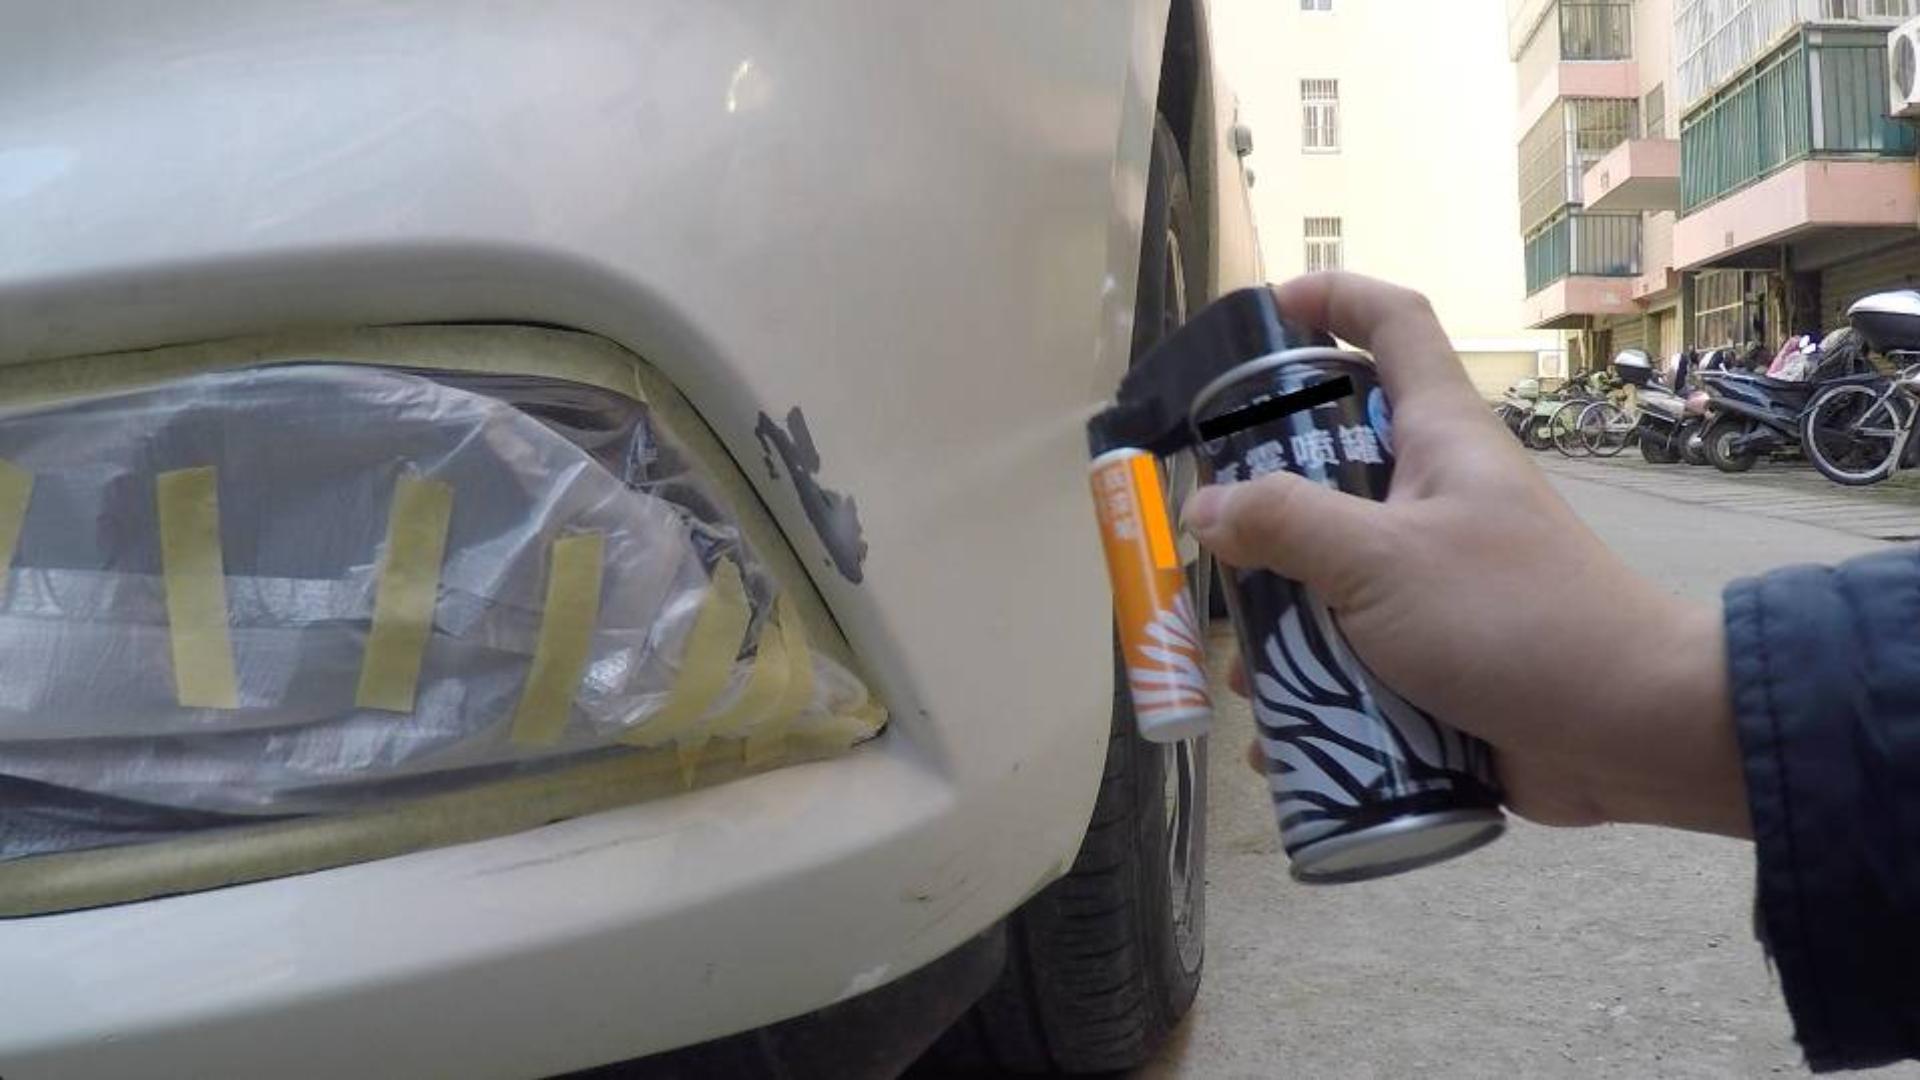 【撸车师兄】3种DIY补漆手法演示,想要自己动手修复车漆?看这一篇就够了